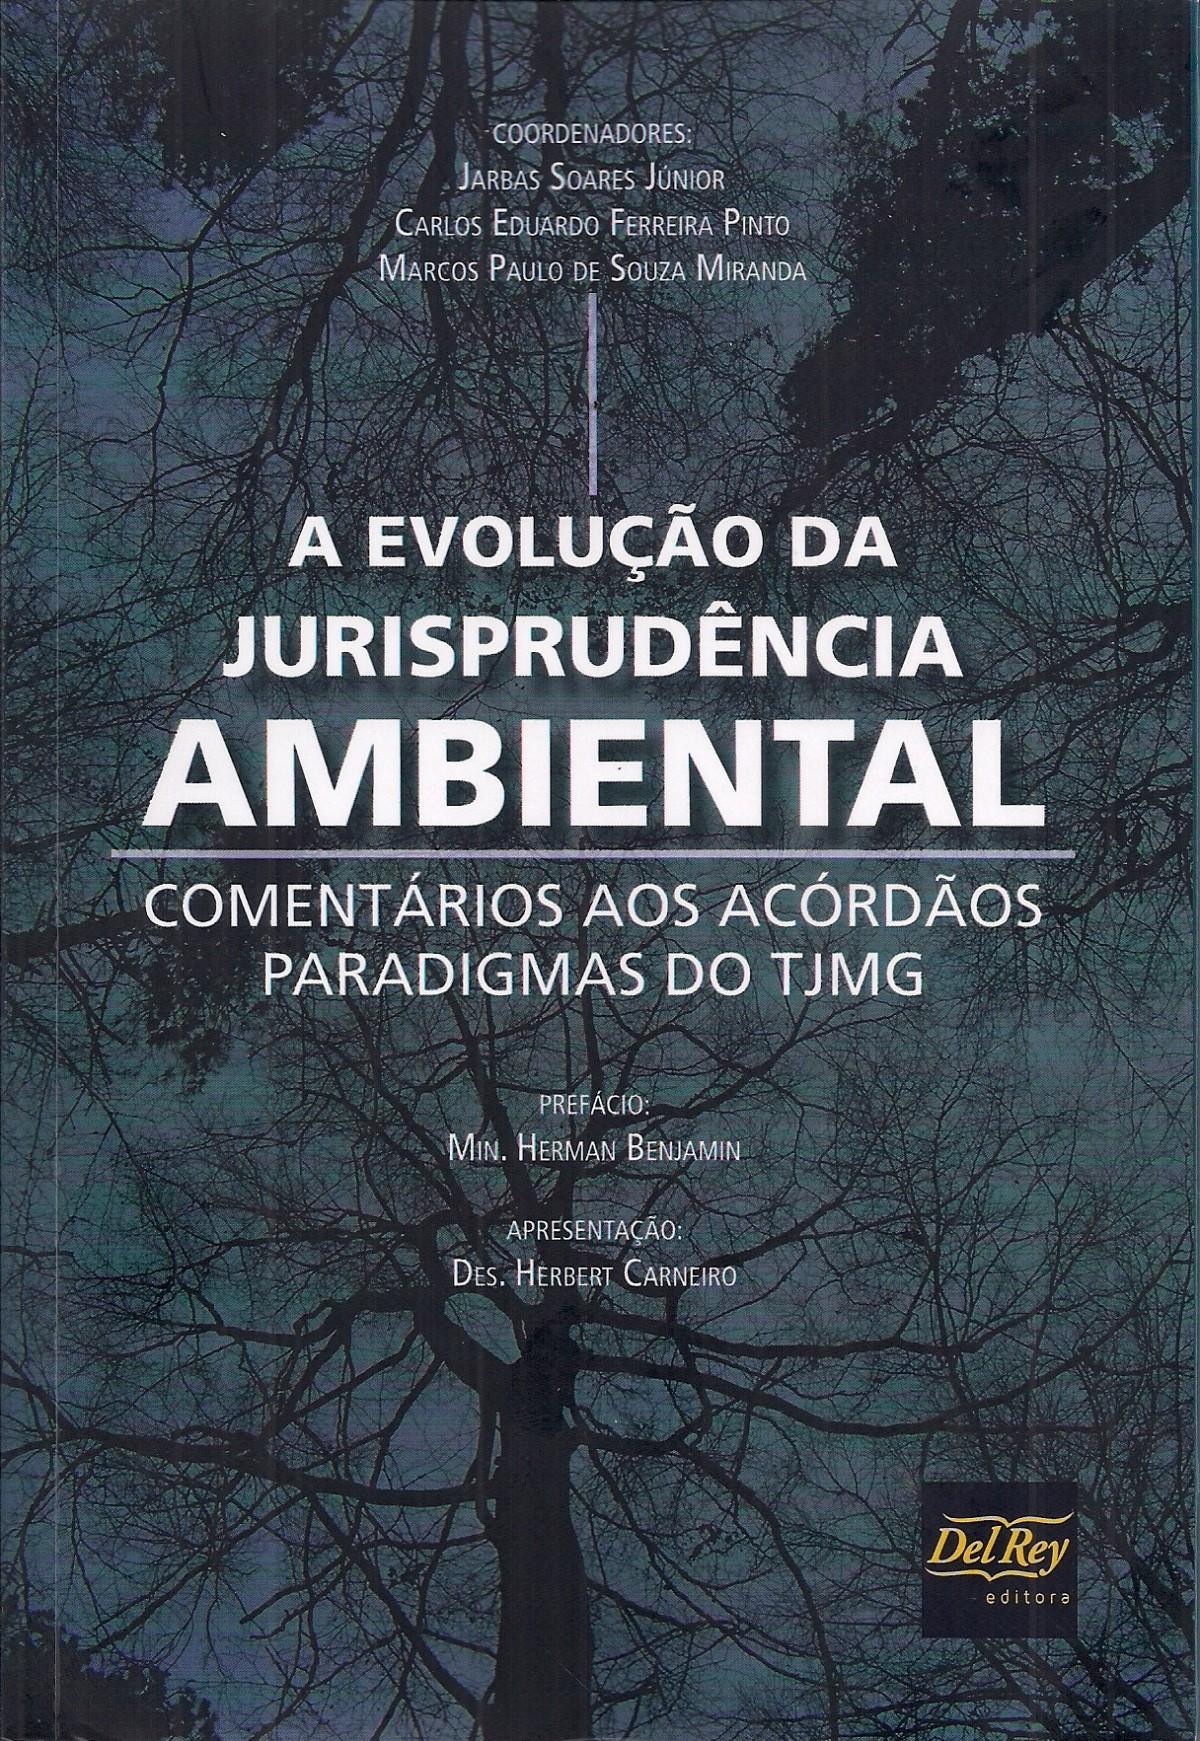 Foto 1 - A Evolução da Jurisprudência Ambiental - Comentários aos Acórdãos Paradigmas do TJMG